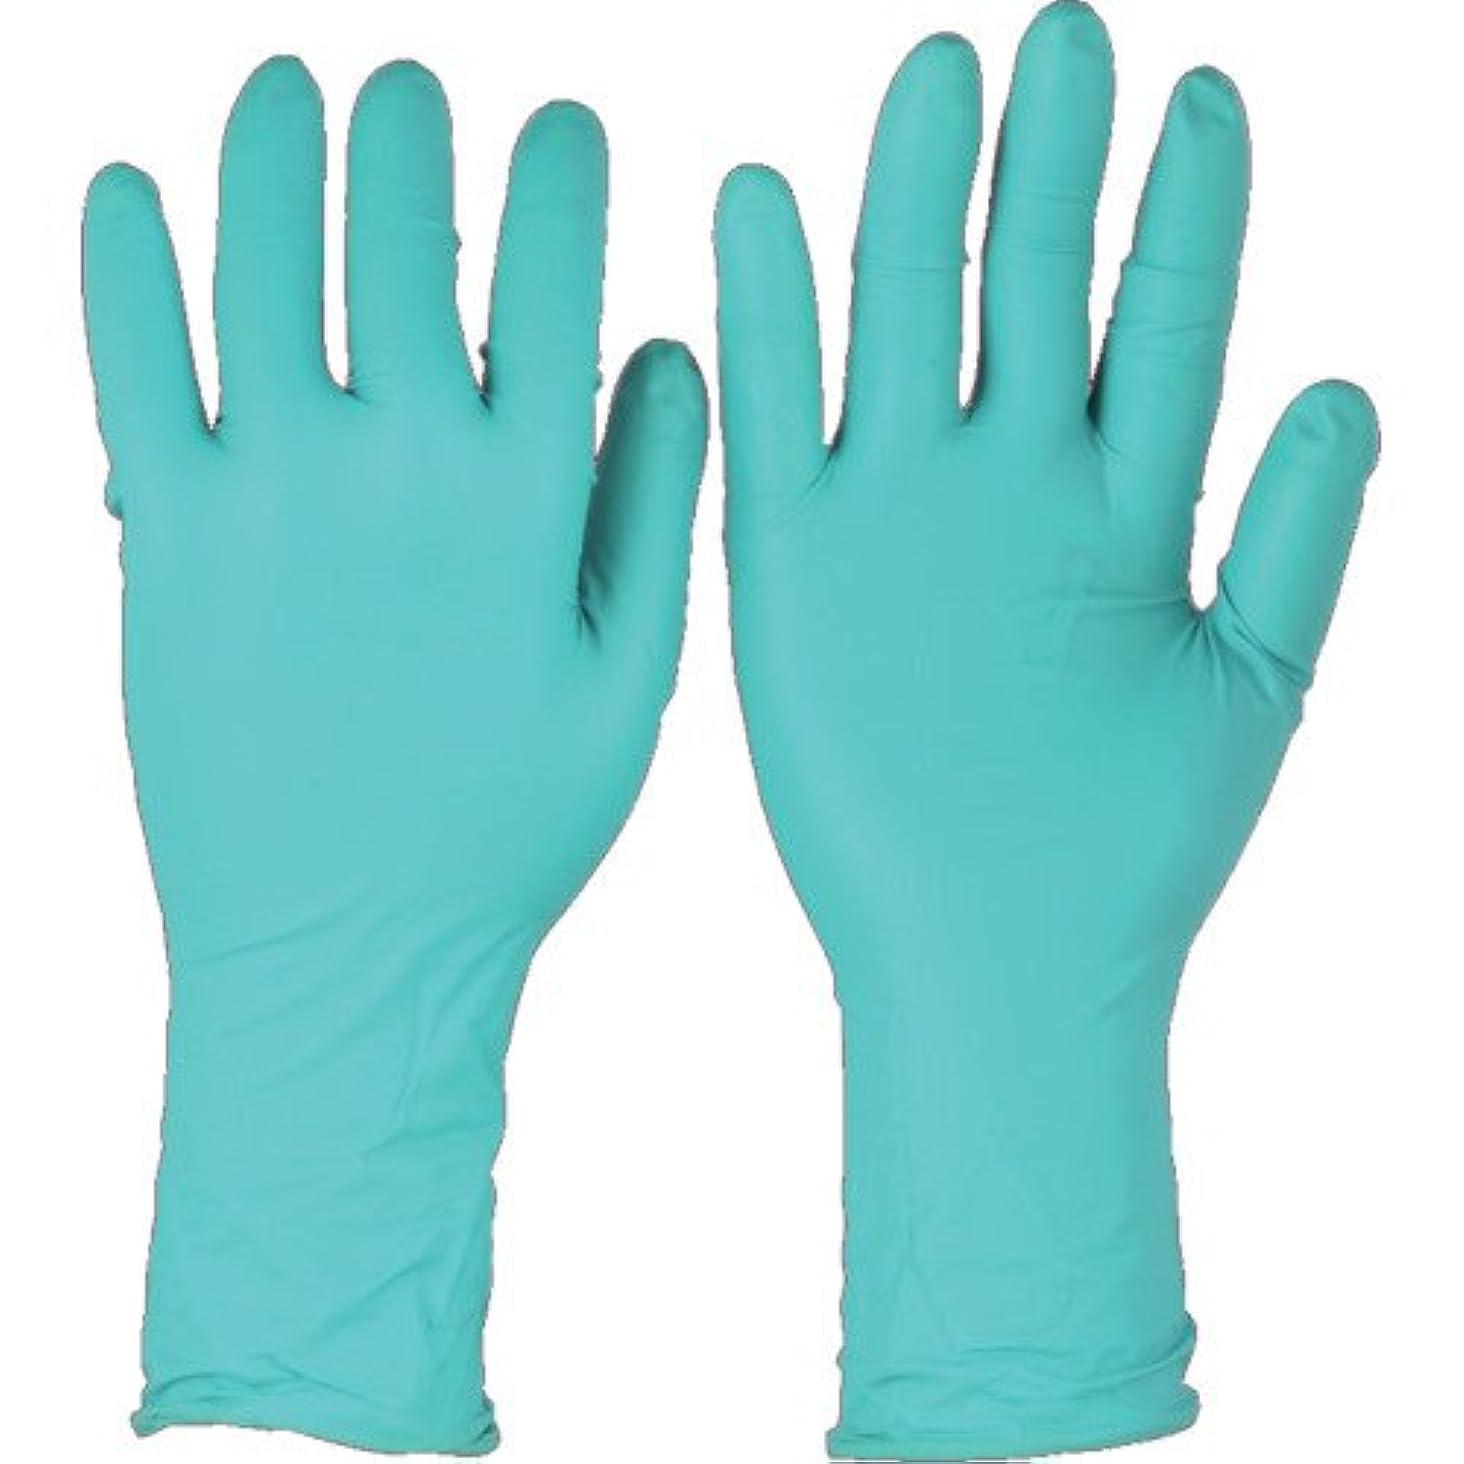 安定しました完全に乾く歩行者トラスコ中山 アンセル ネオプレンゴム使い捨て手袋 マイクロフレックス 93-260 Sサイズ (50枚入)  932607